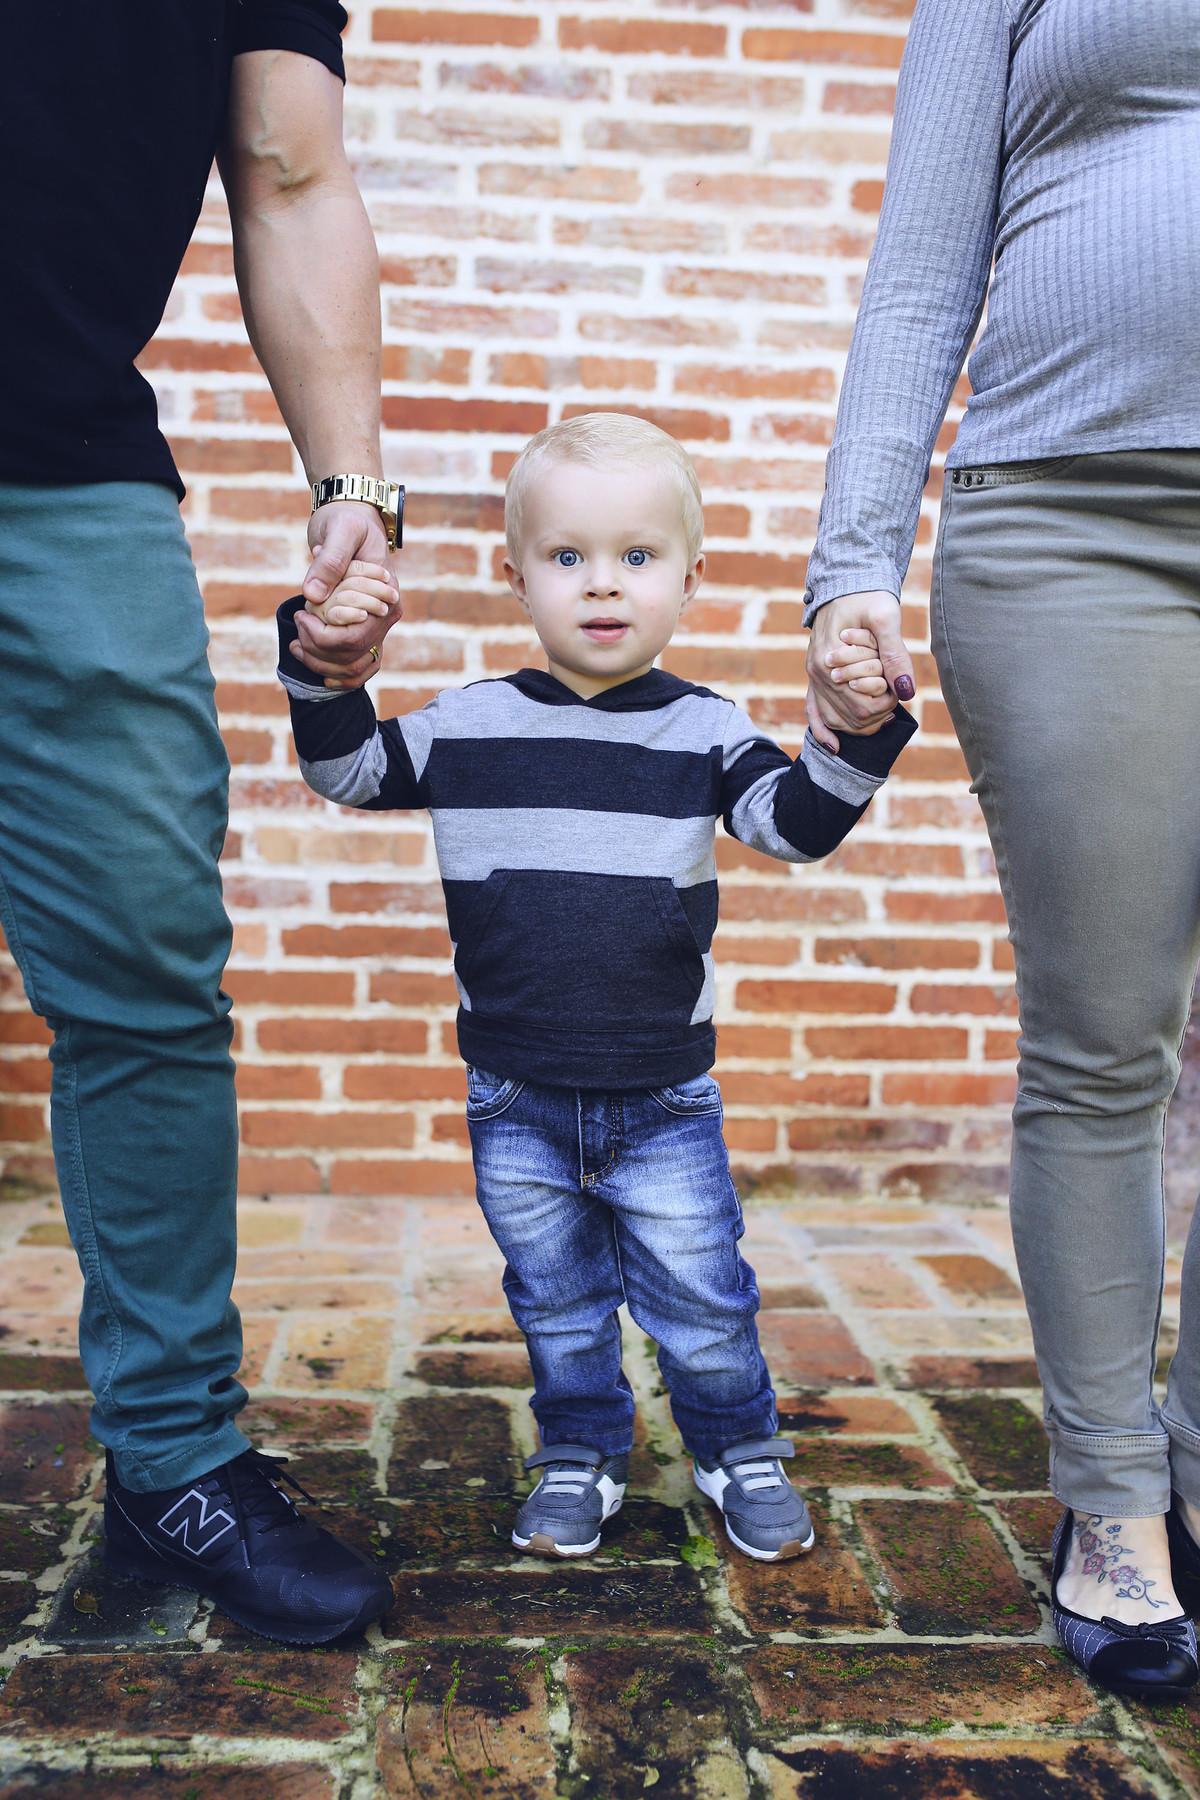 ensaio fotográfico - Enzo _ família - ensaio de 2 anos - jaraguá do sul - chroma fotografia